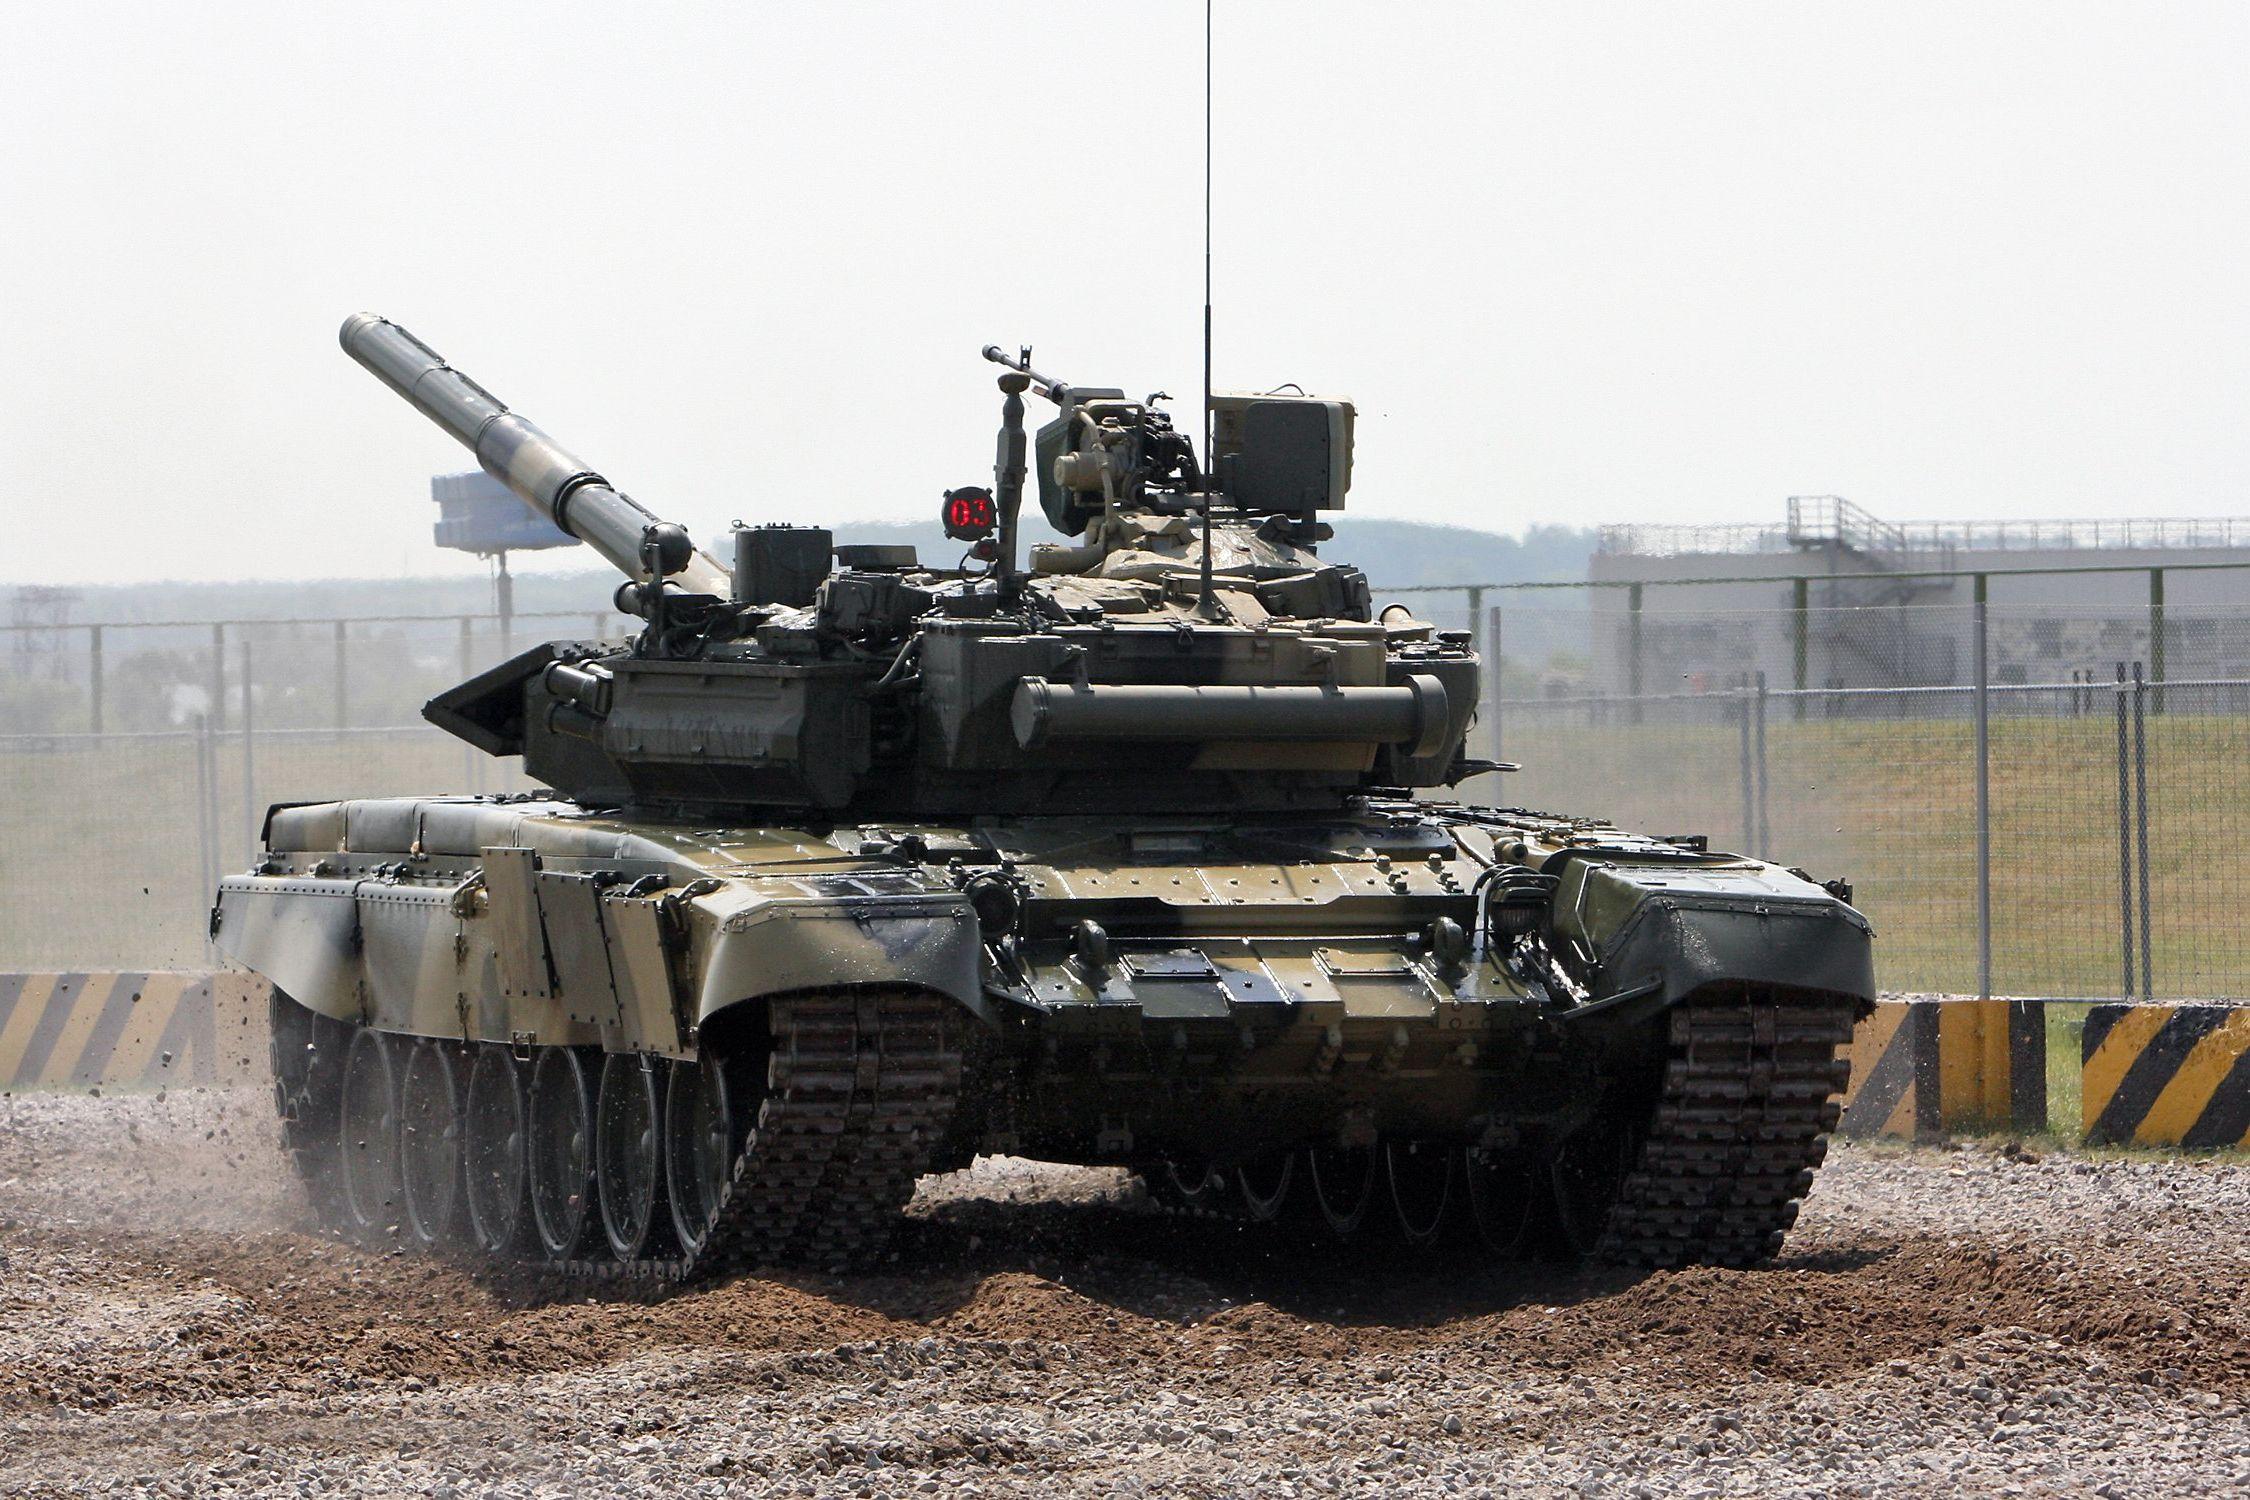 тех пор, современные танки мира 2016 происшествий Сыктывкаре данным